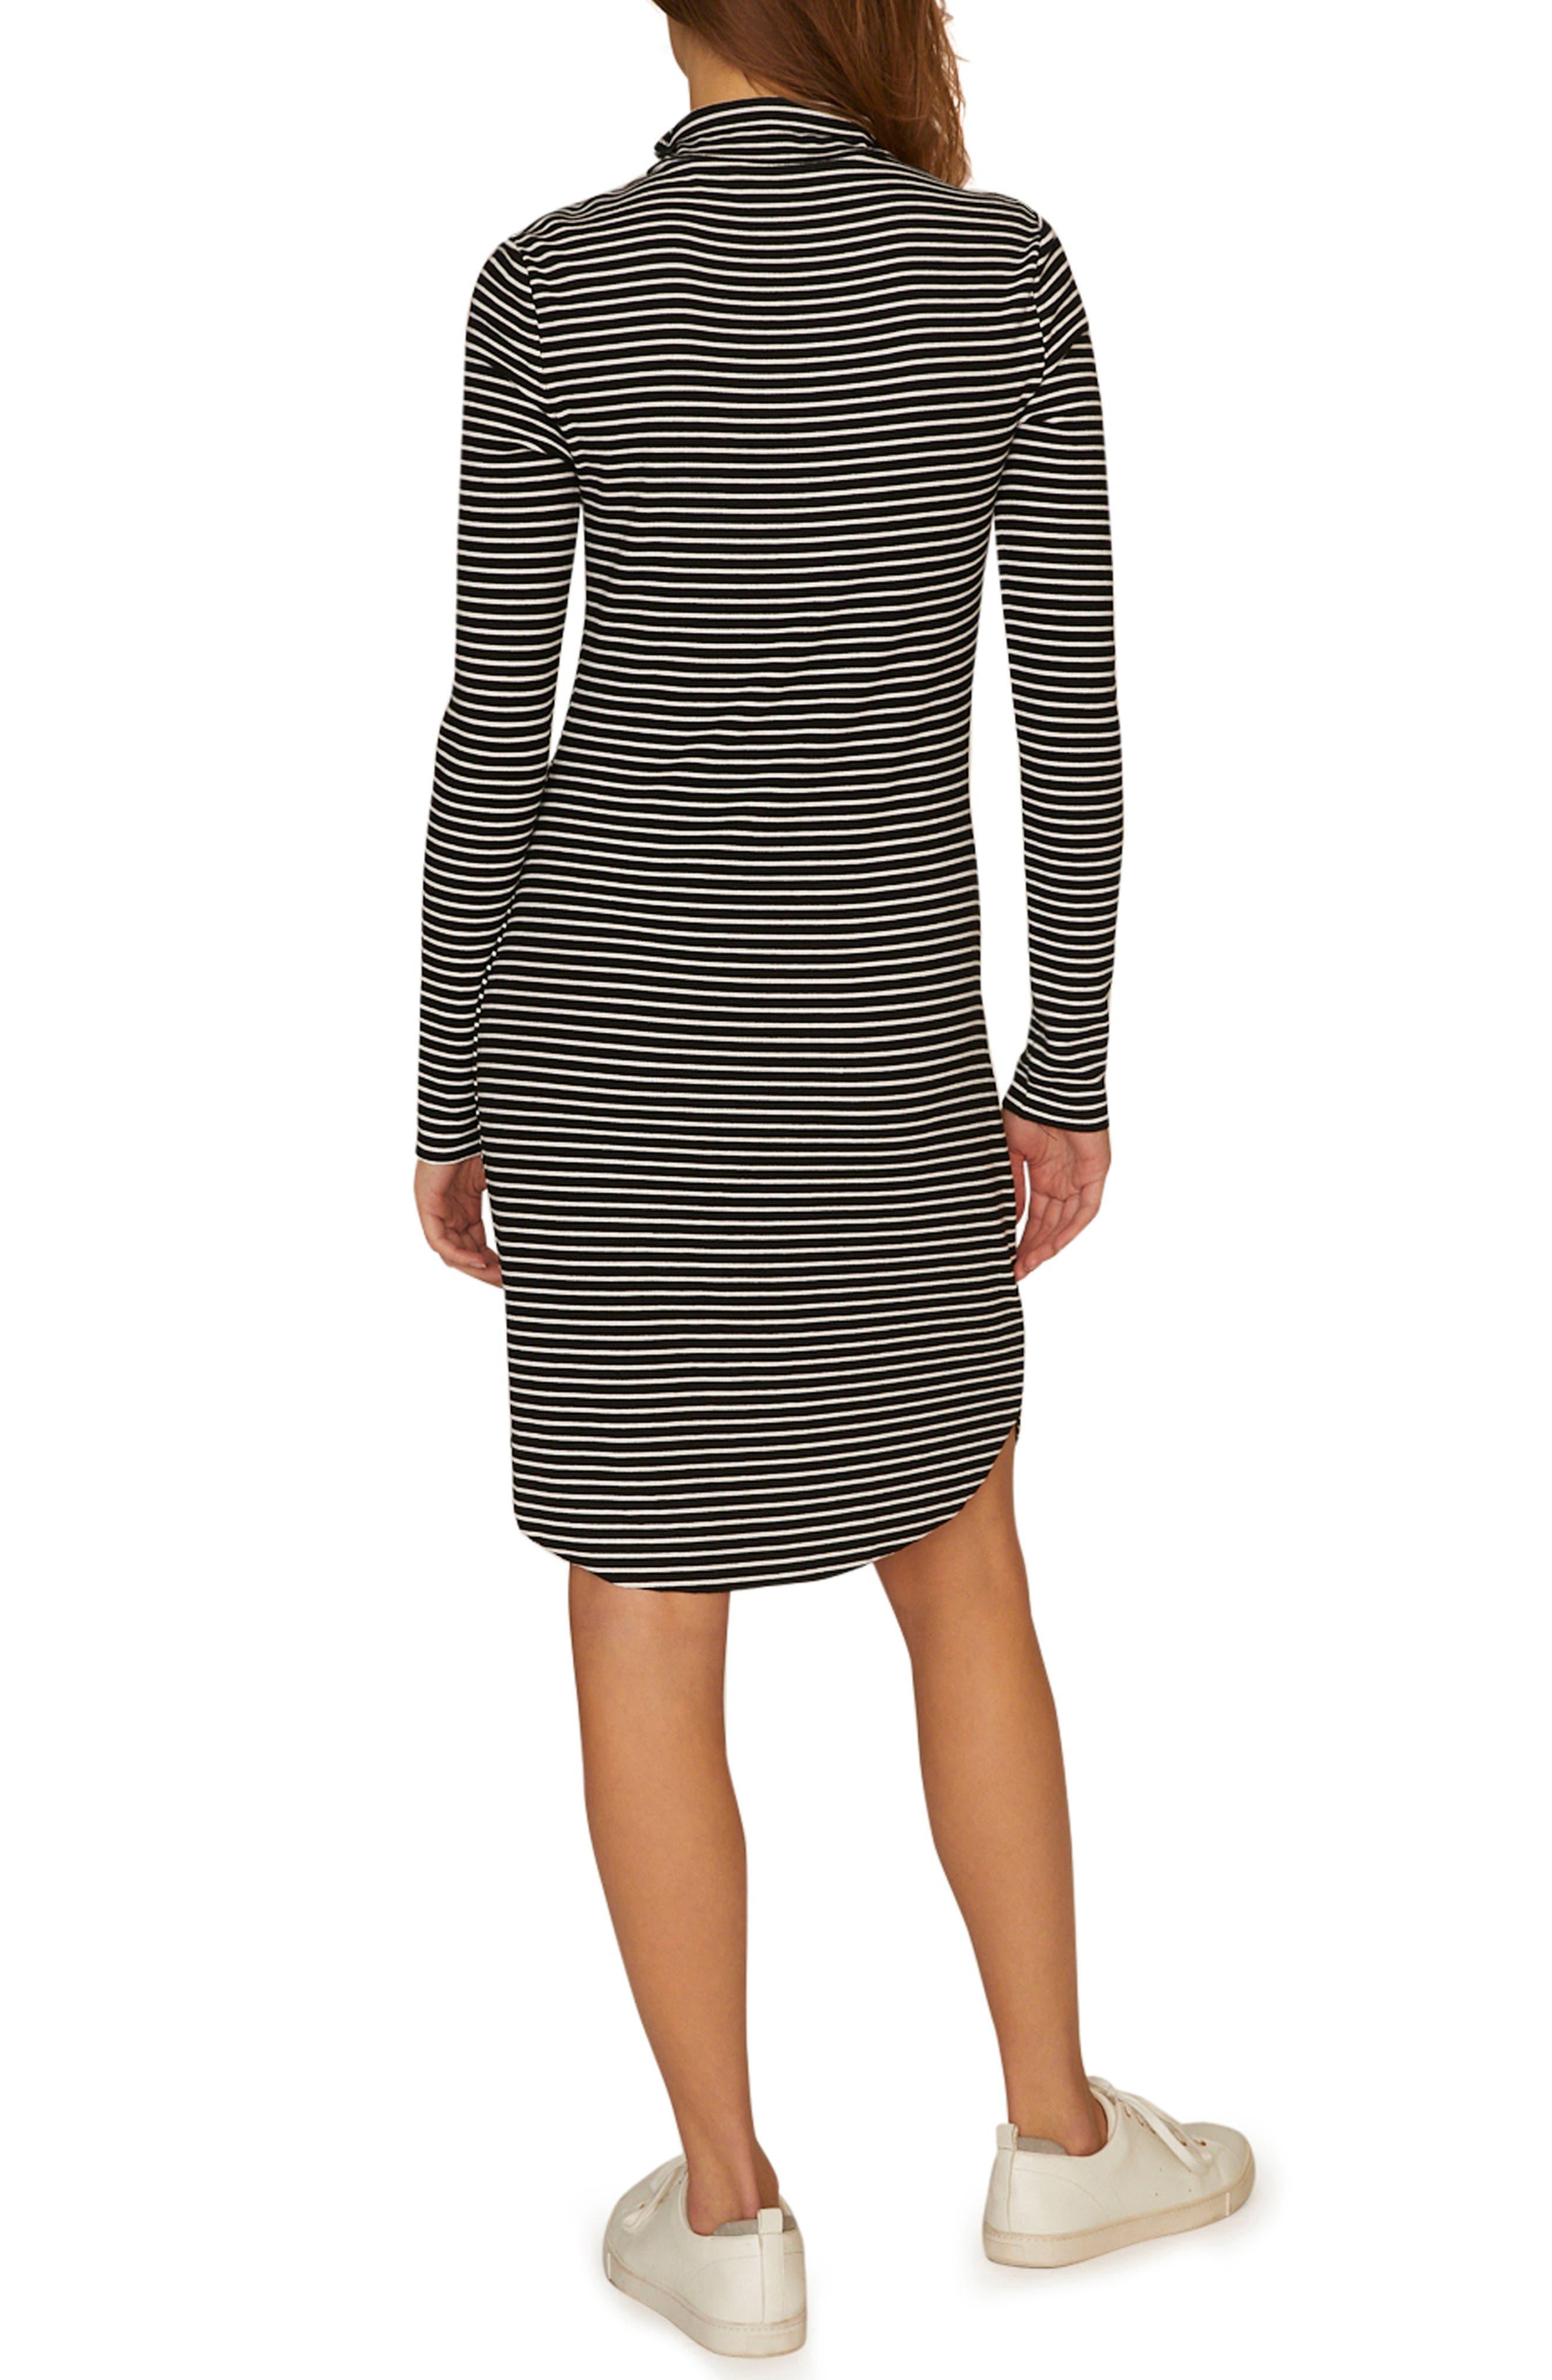 SANCTUARY, Essentials Stripe Mock Neck Dress, Alternate thumbnail 2, color, CLASSIC STRIPE BLACK